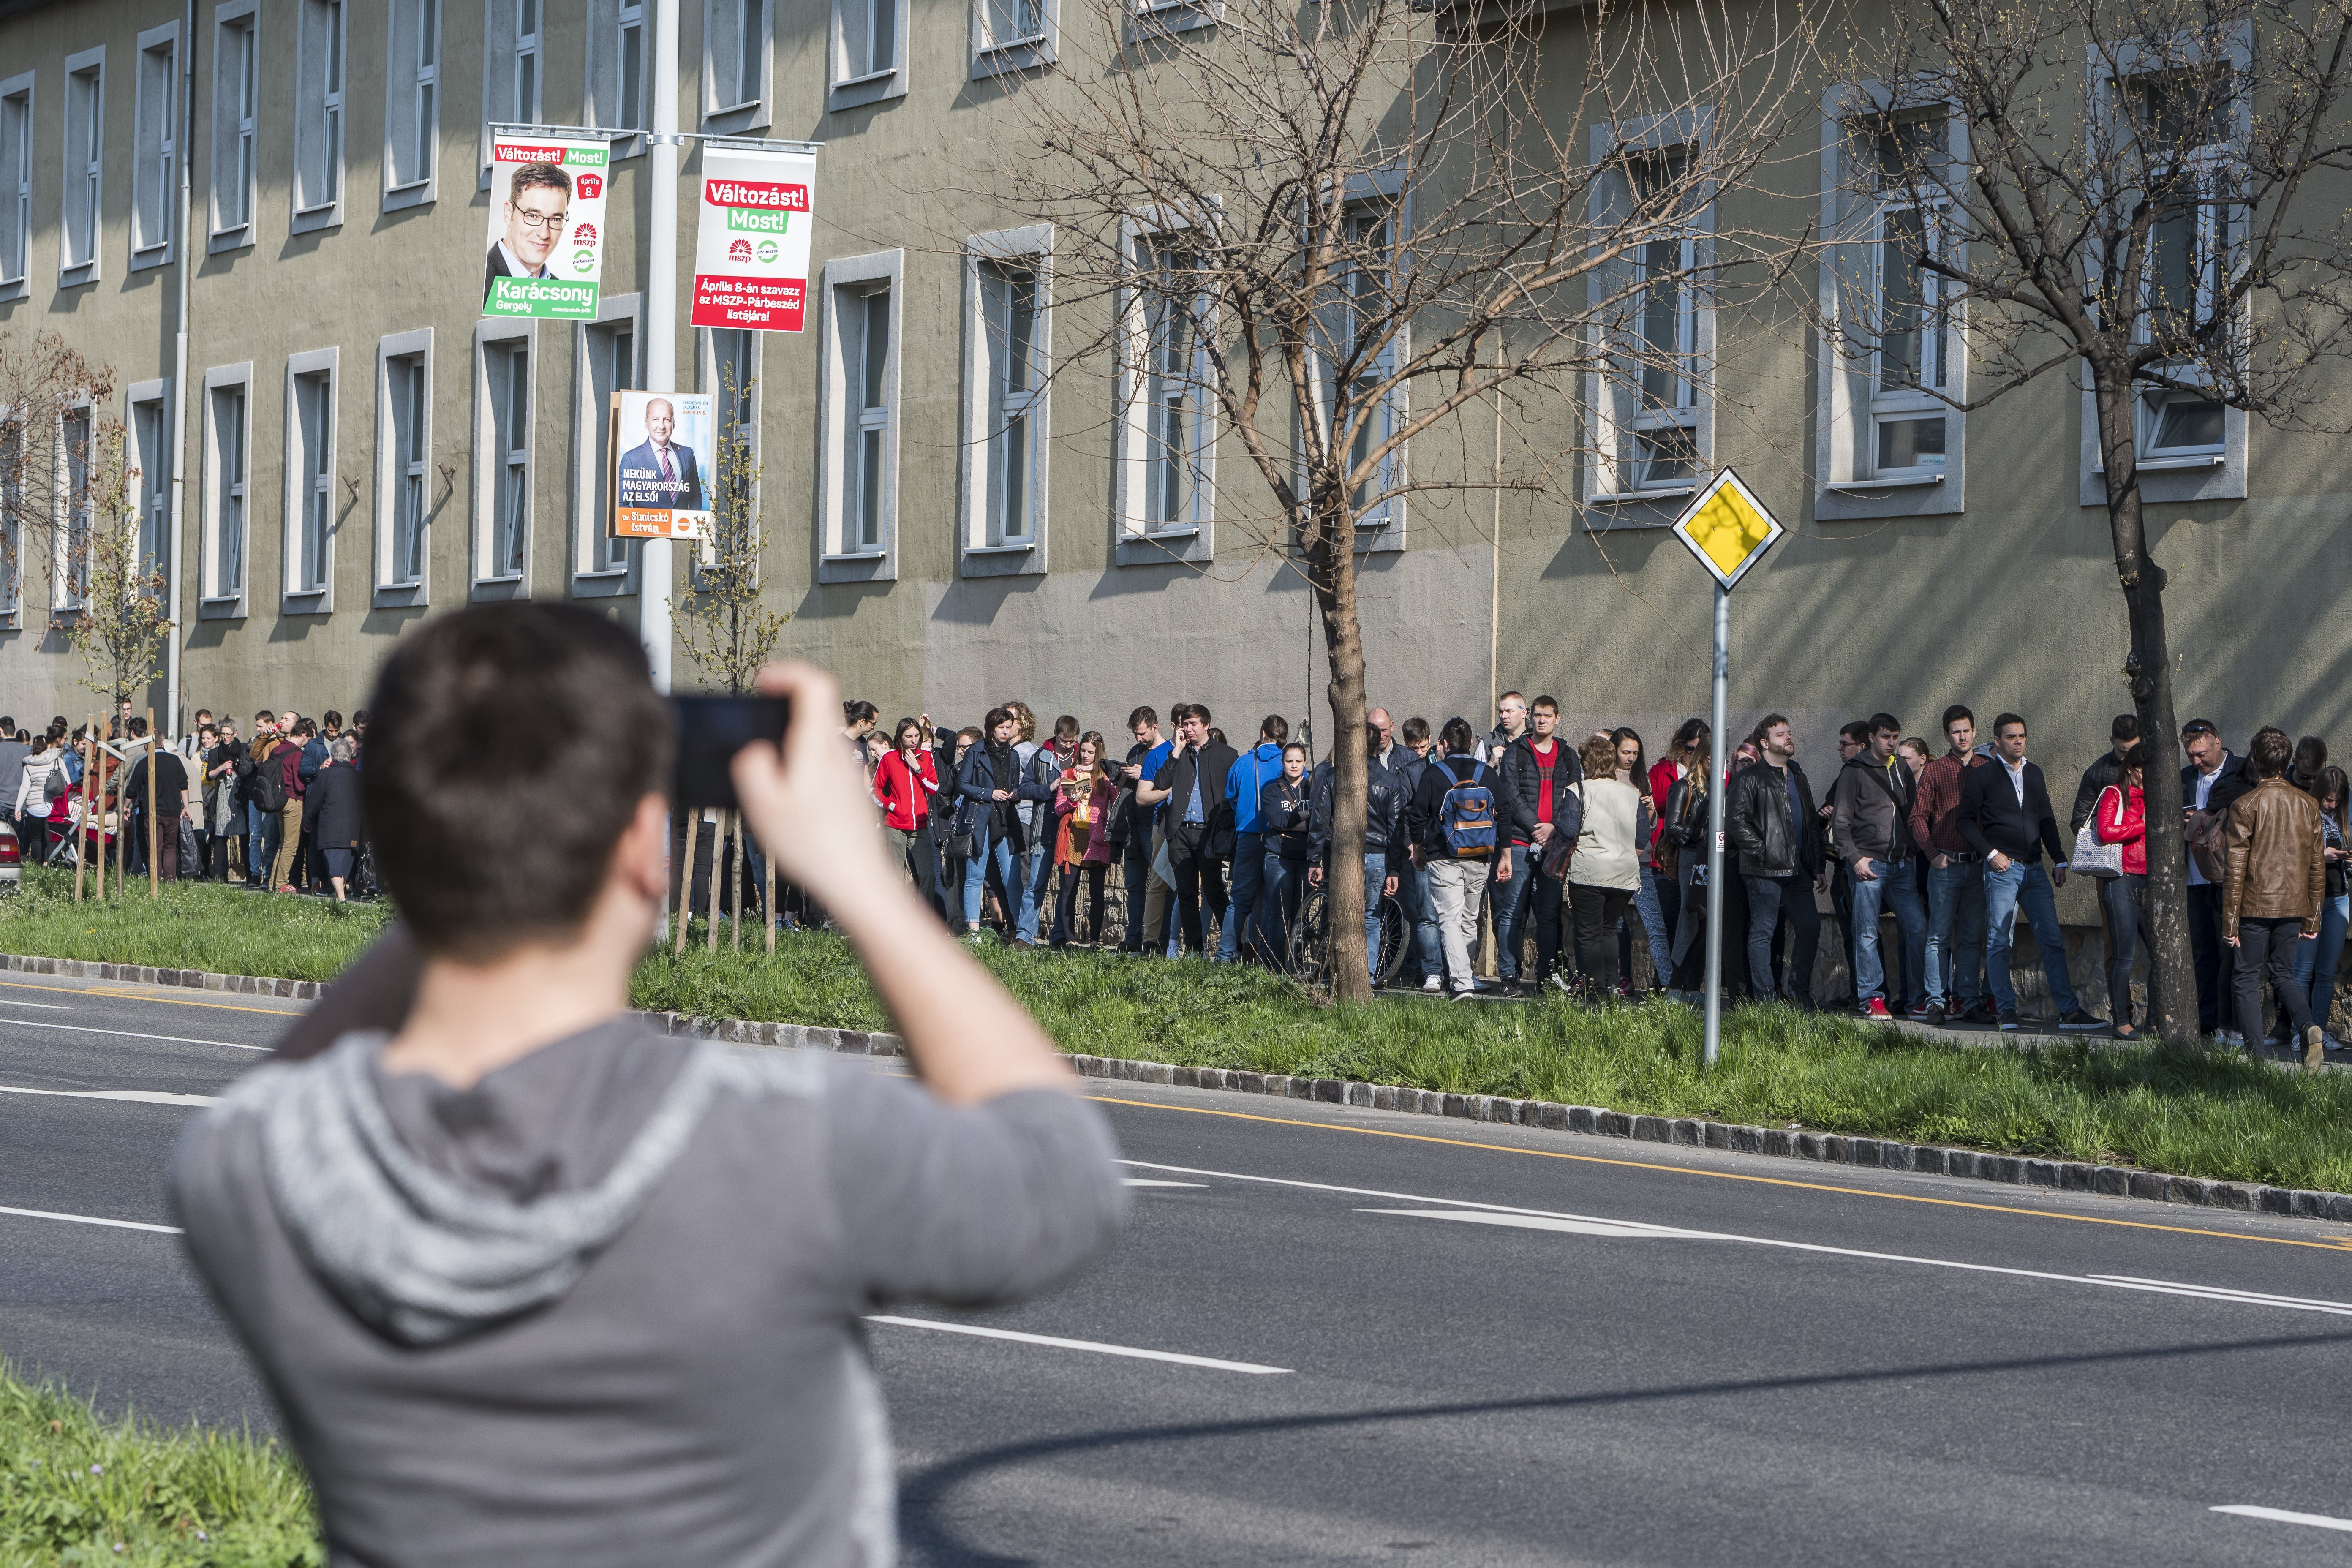 Élő közvetítés: ezrek várakoznak még a szavazásra a Bocskai úton